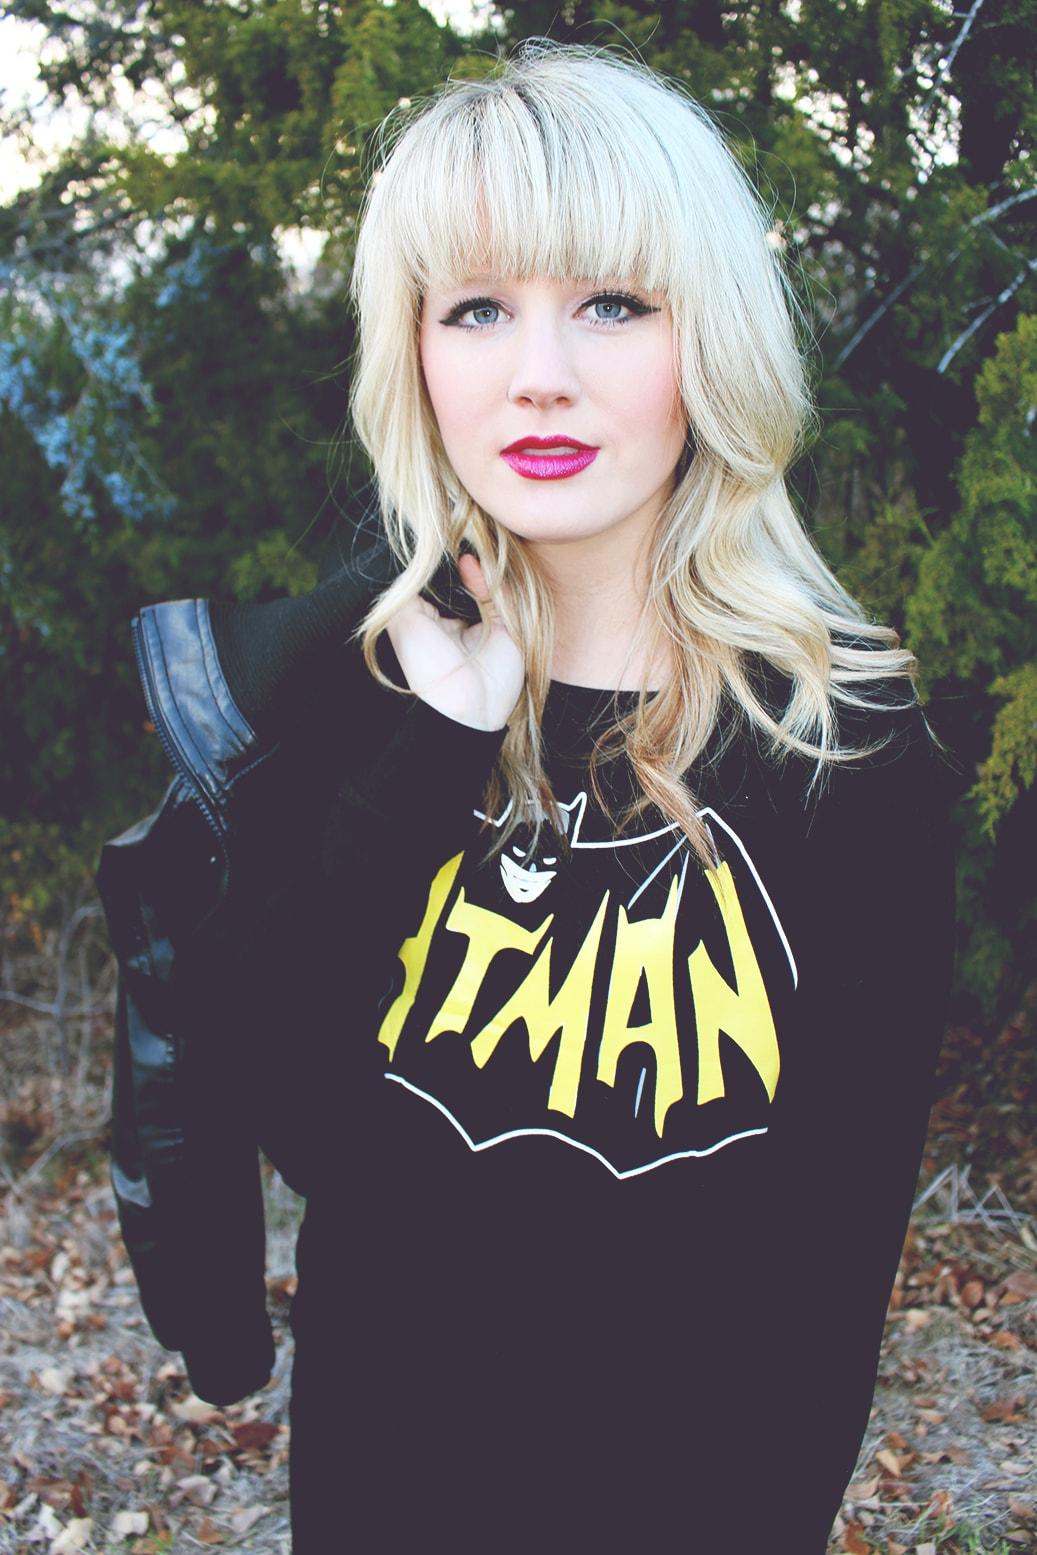 batman1-min